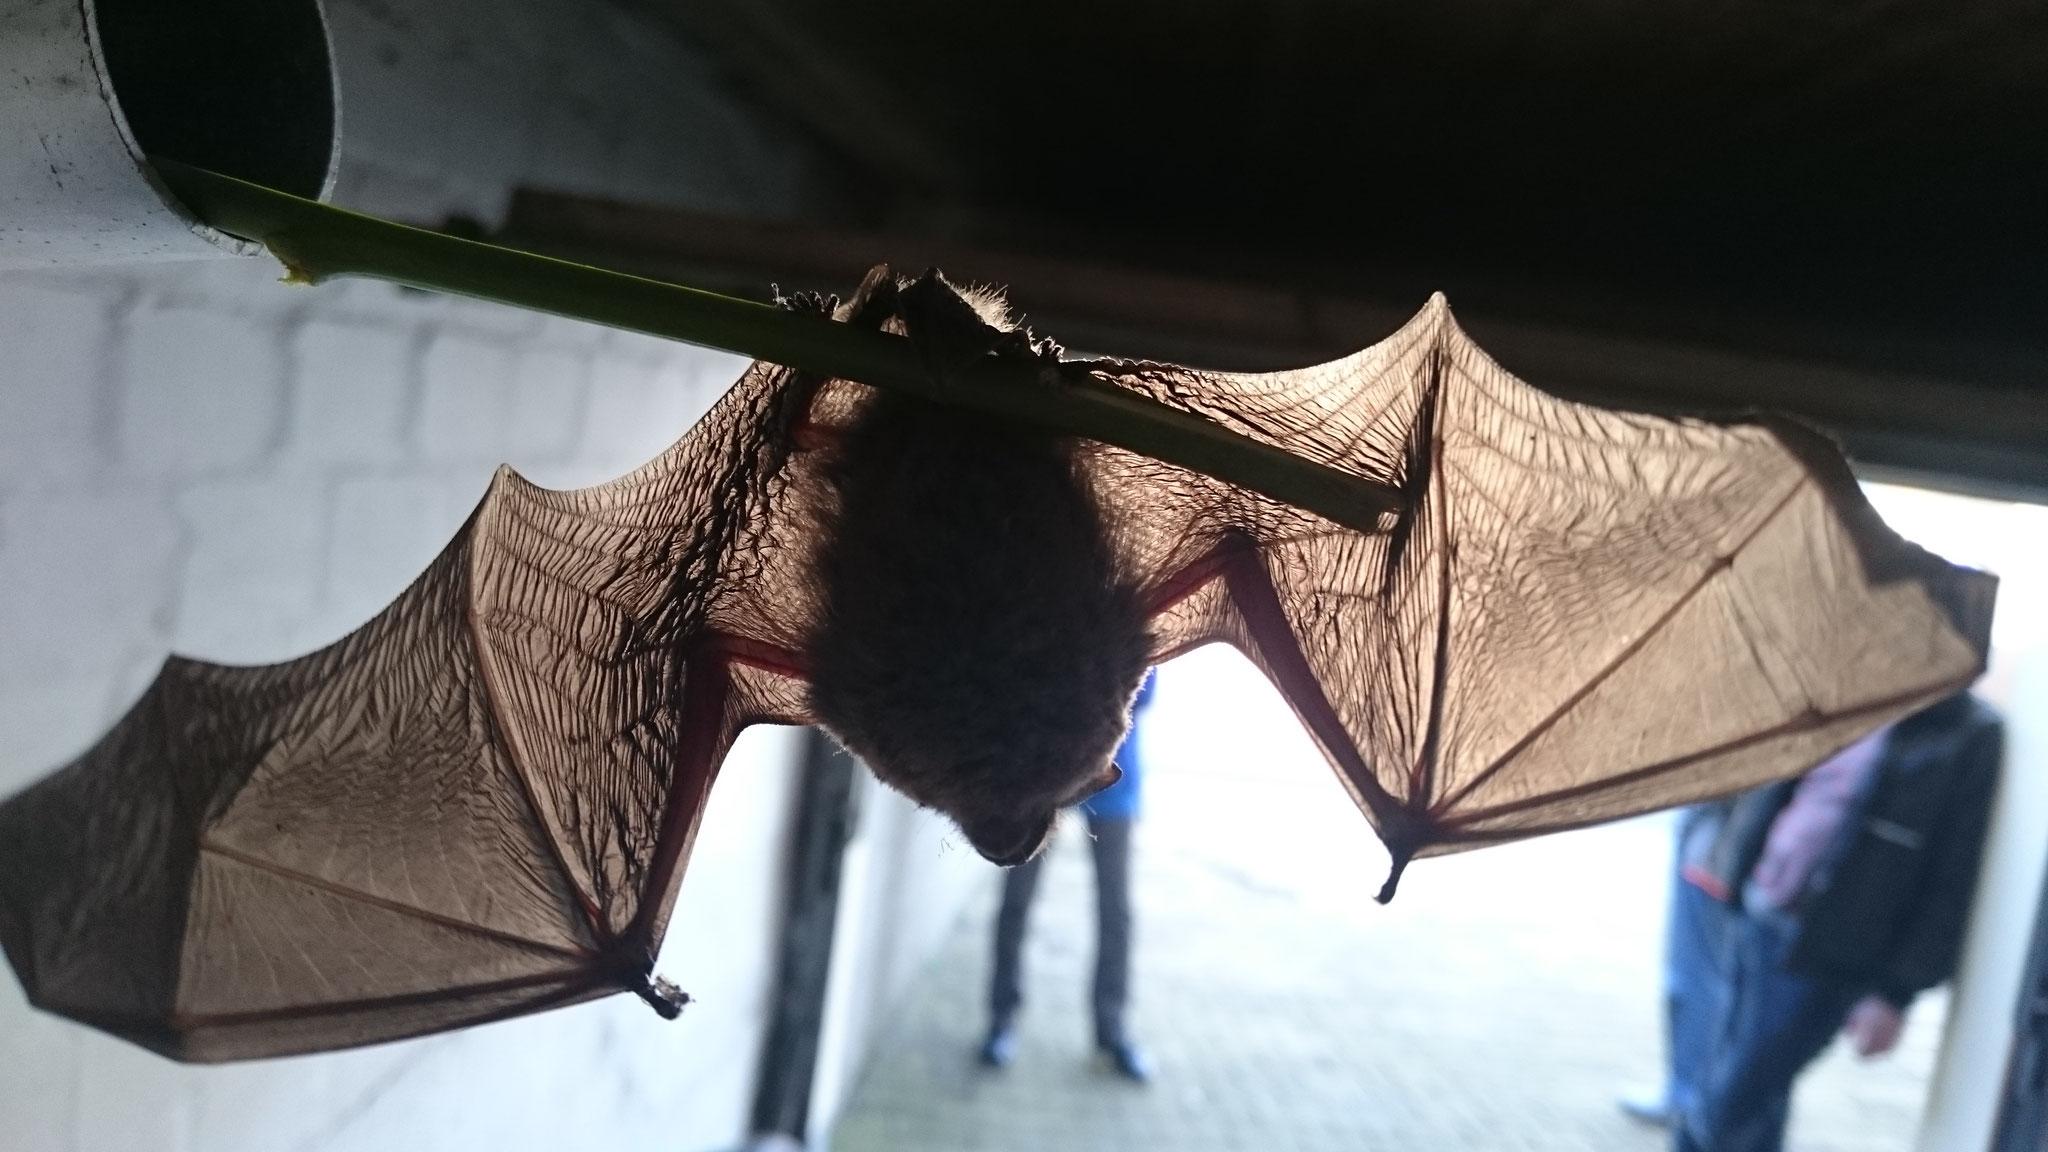 Fledermaus - gefunden in einer Garage - im Februar! - Foto: Britta Raabe